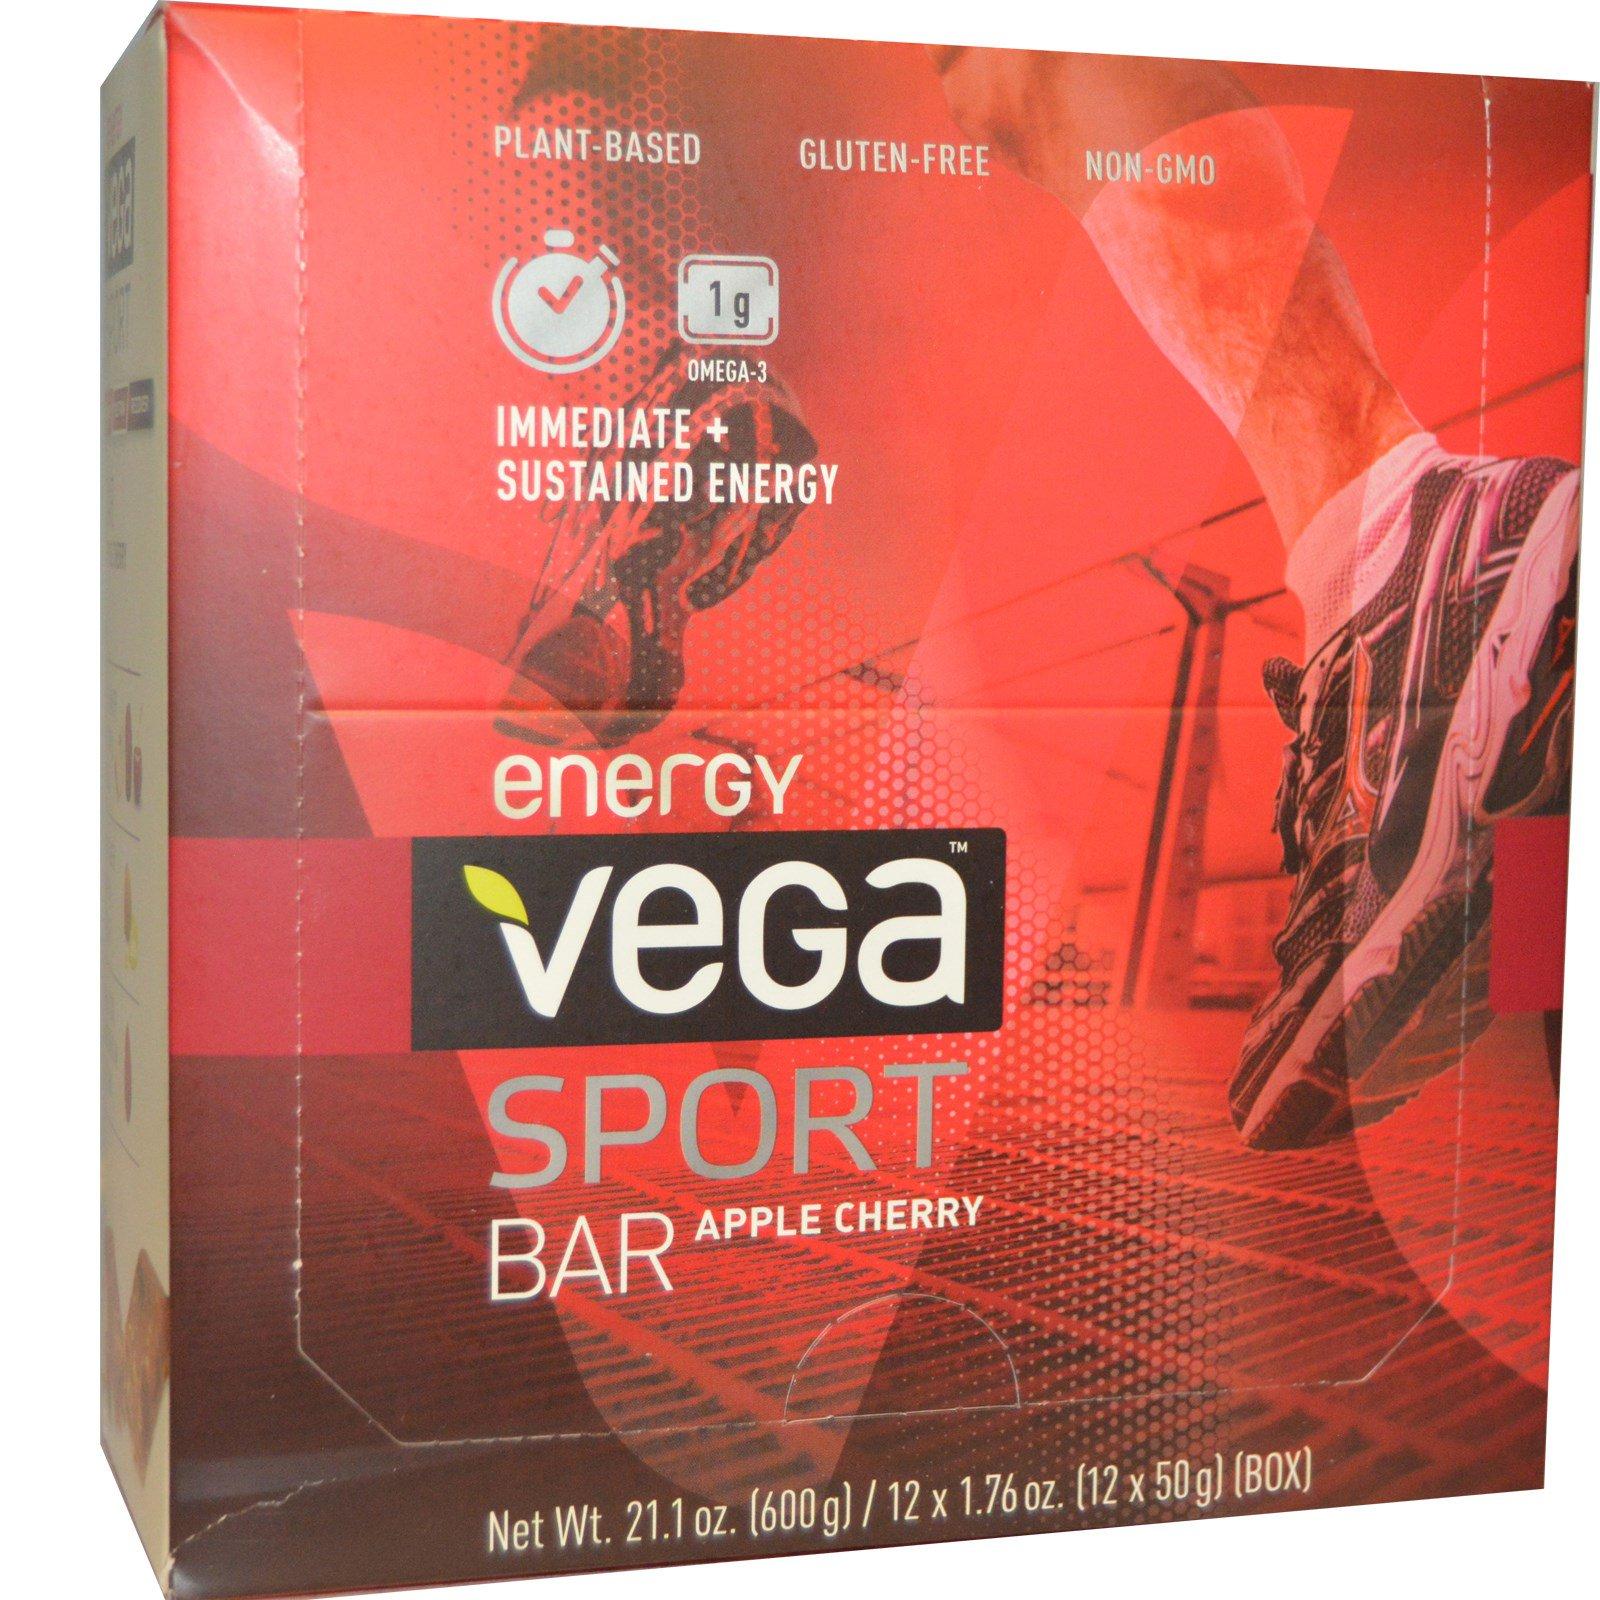 Vega energy bars